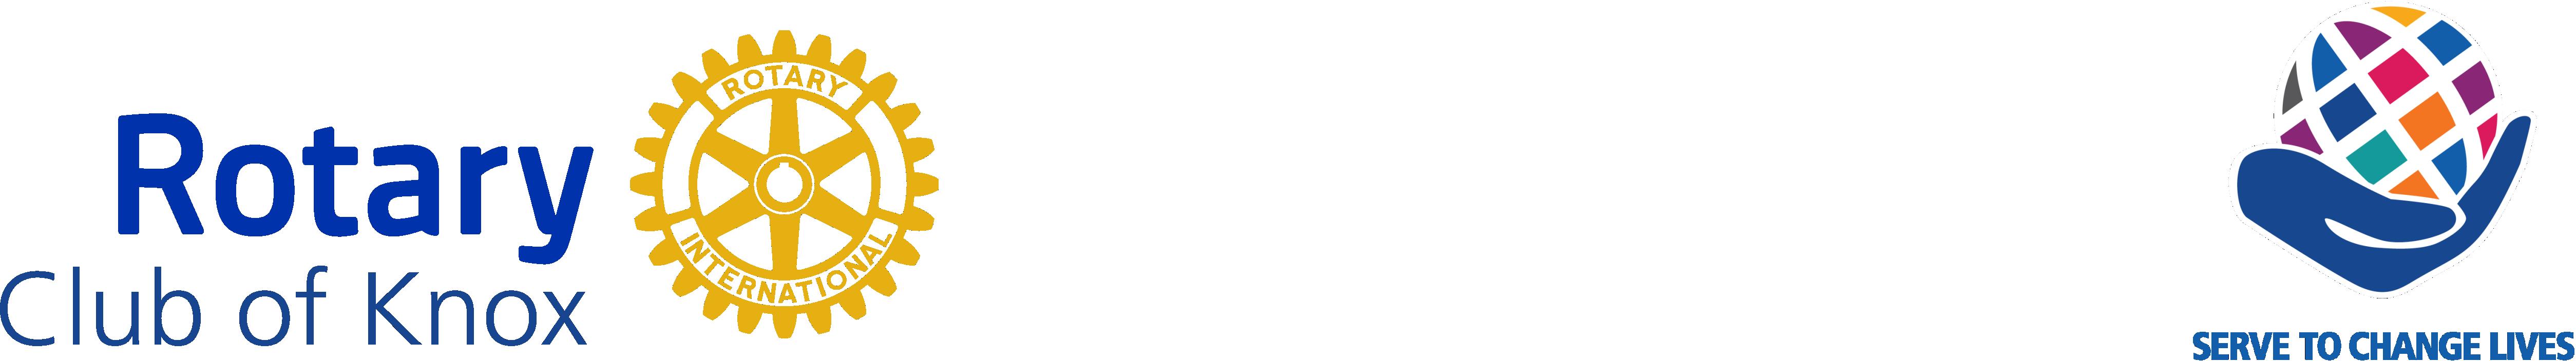 Rotary Club of Knox